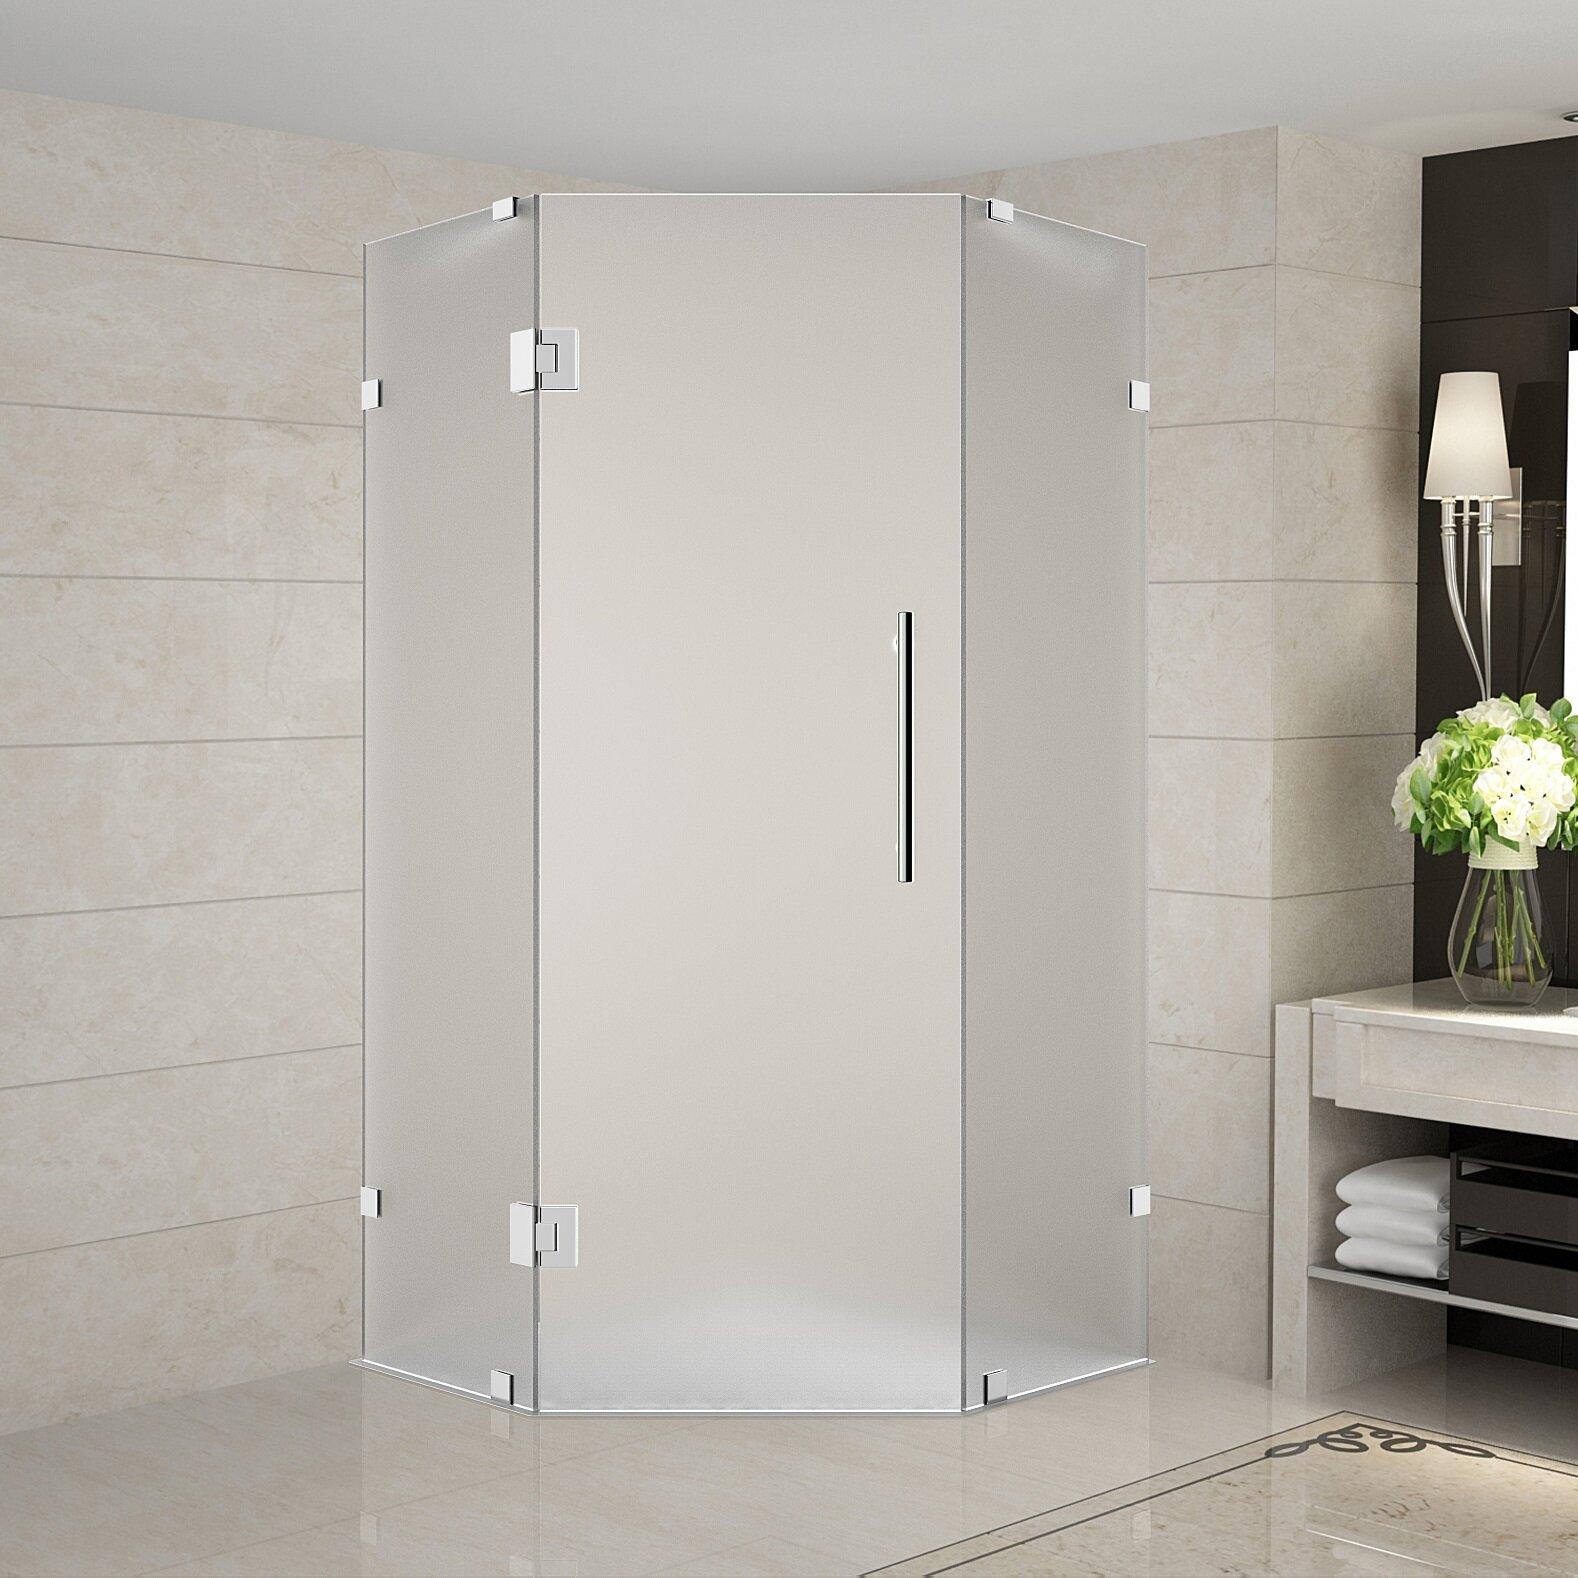 Neoscape 36 X 72 Hinged Frameless Shower Door